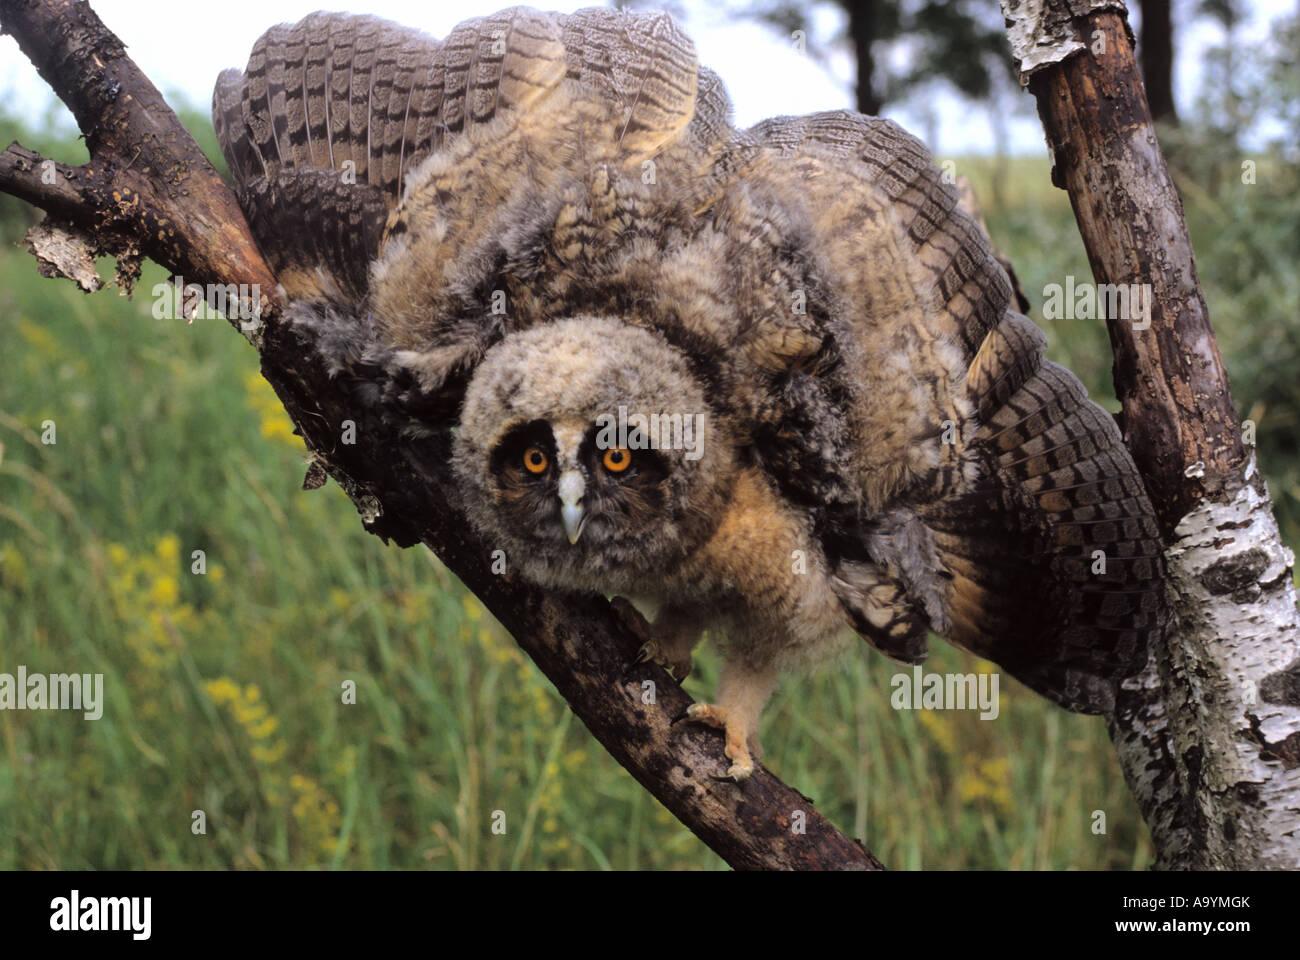 Gufo comune (Asio otus) genere Asio, uccellino, minacciando gesto Immagini Stock